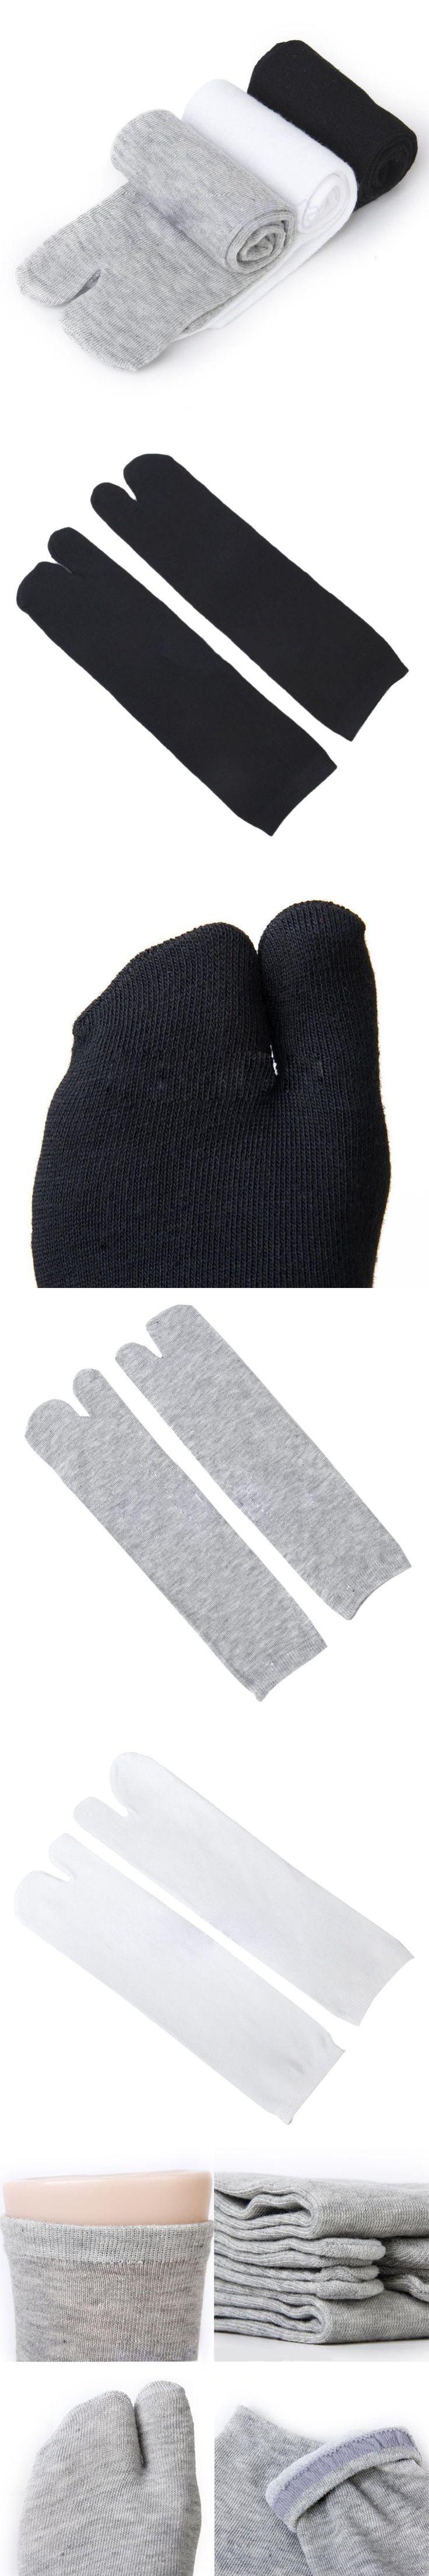 3 Pair/Lot Footful Men Women Tabi Socks Split Two Toe Japanese Kimono Geta Flip Flop